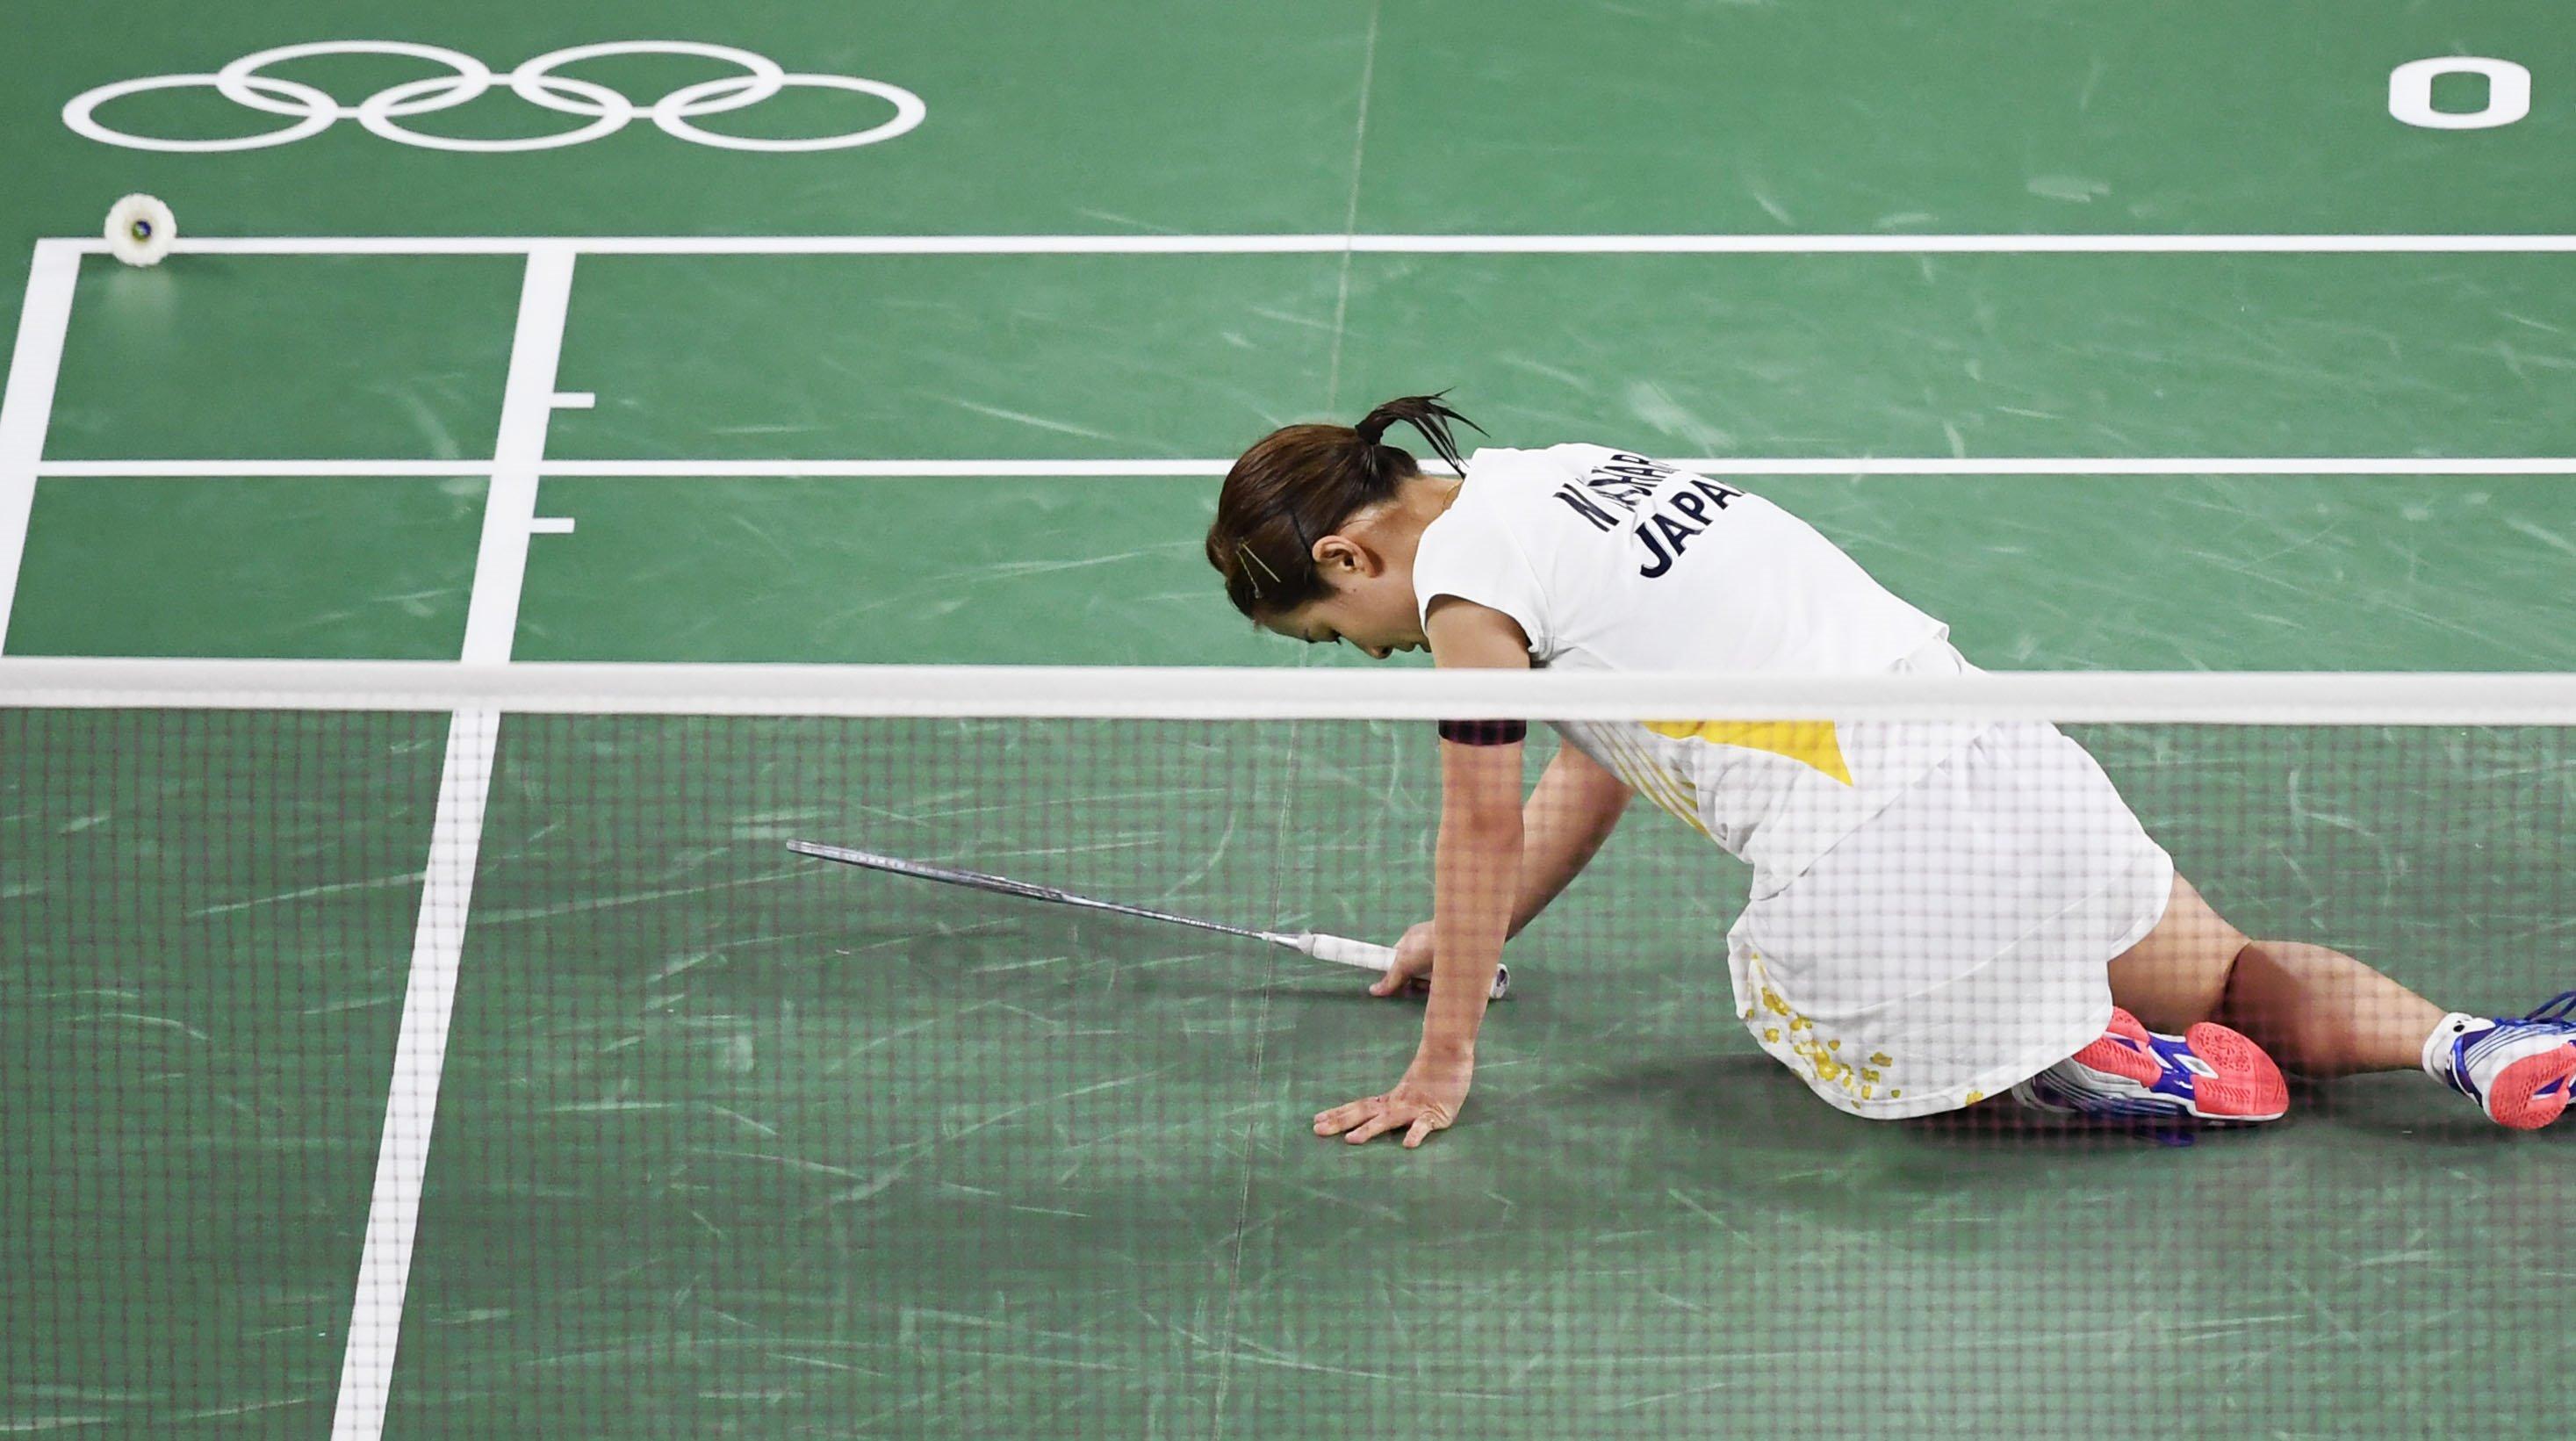 女子シングルス準々決勝 中国選手にポイントを奪われ座り込む奥原希望=武蔵野の森総合スポーツプラザ